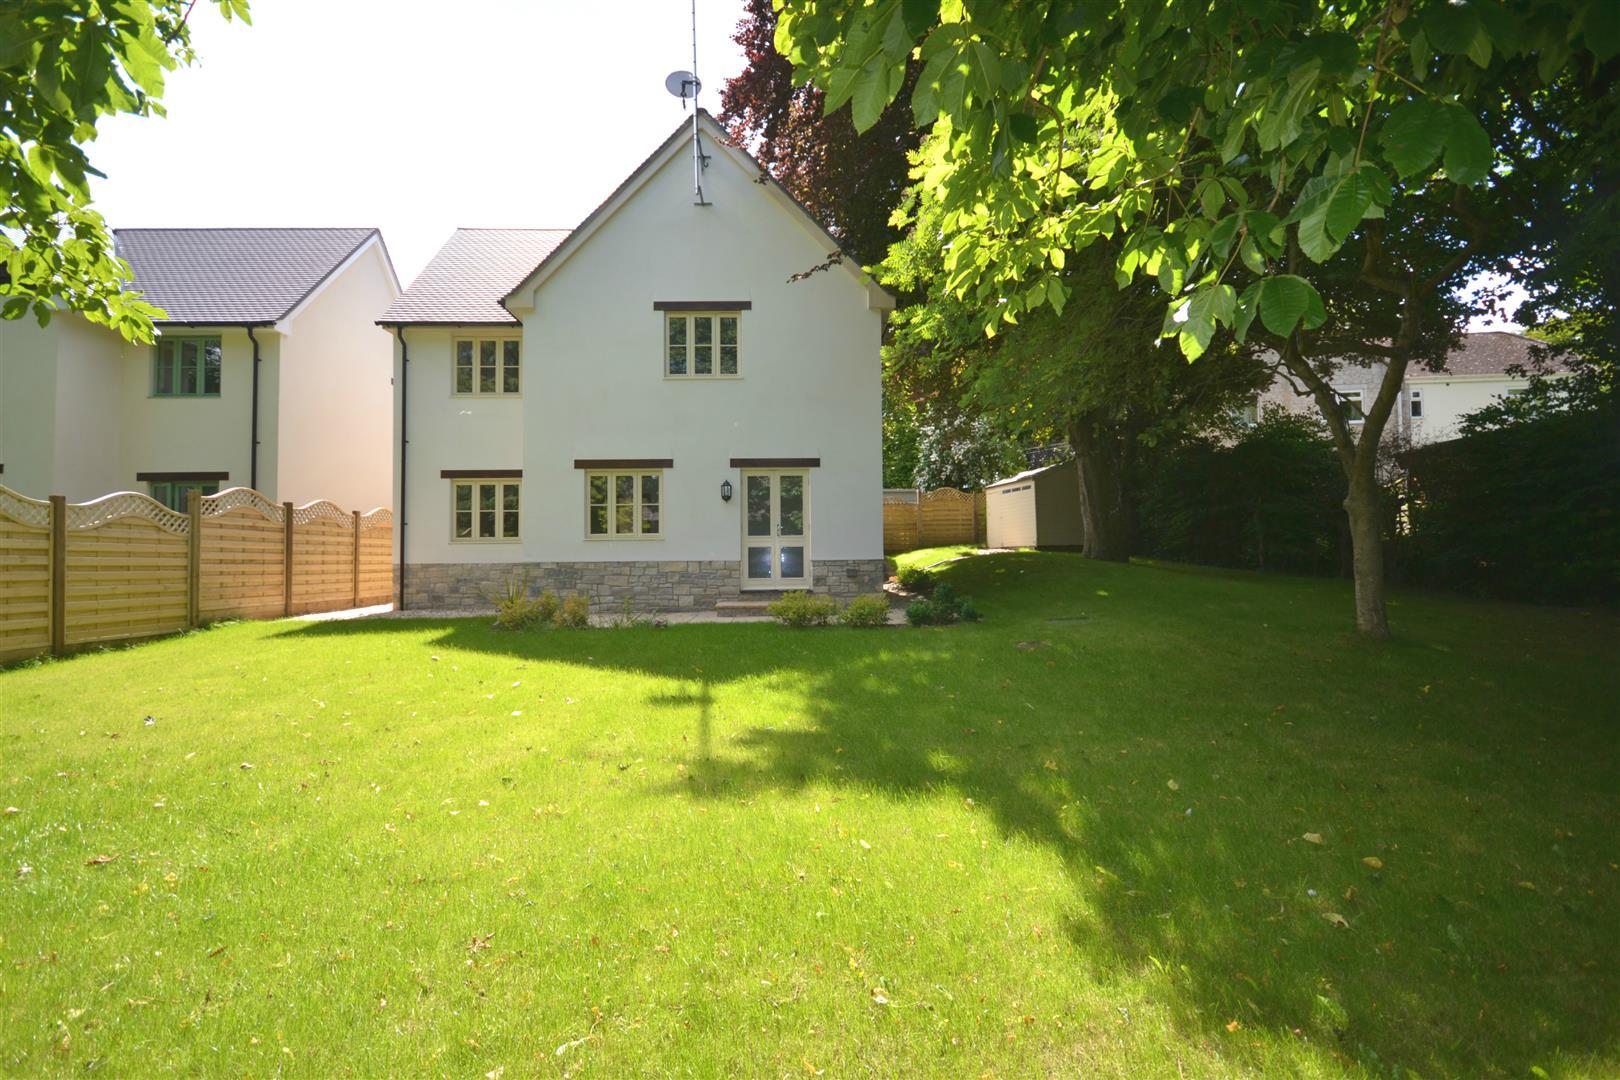 Lychetts Park, Broadmayne, Dorchester